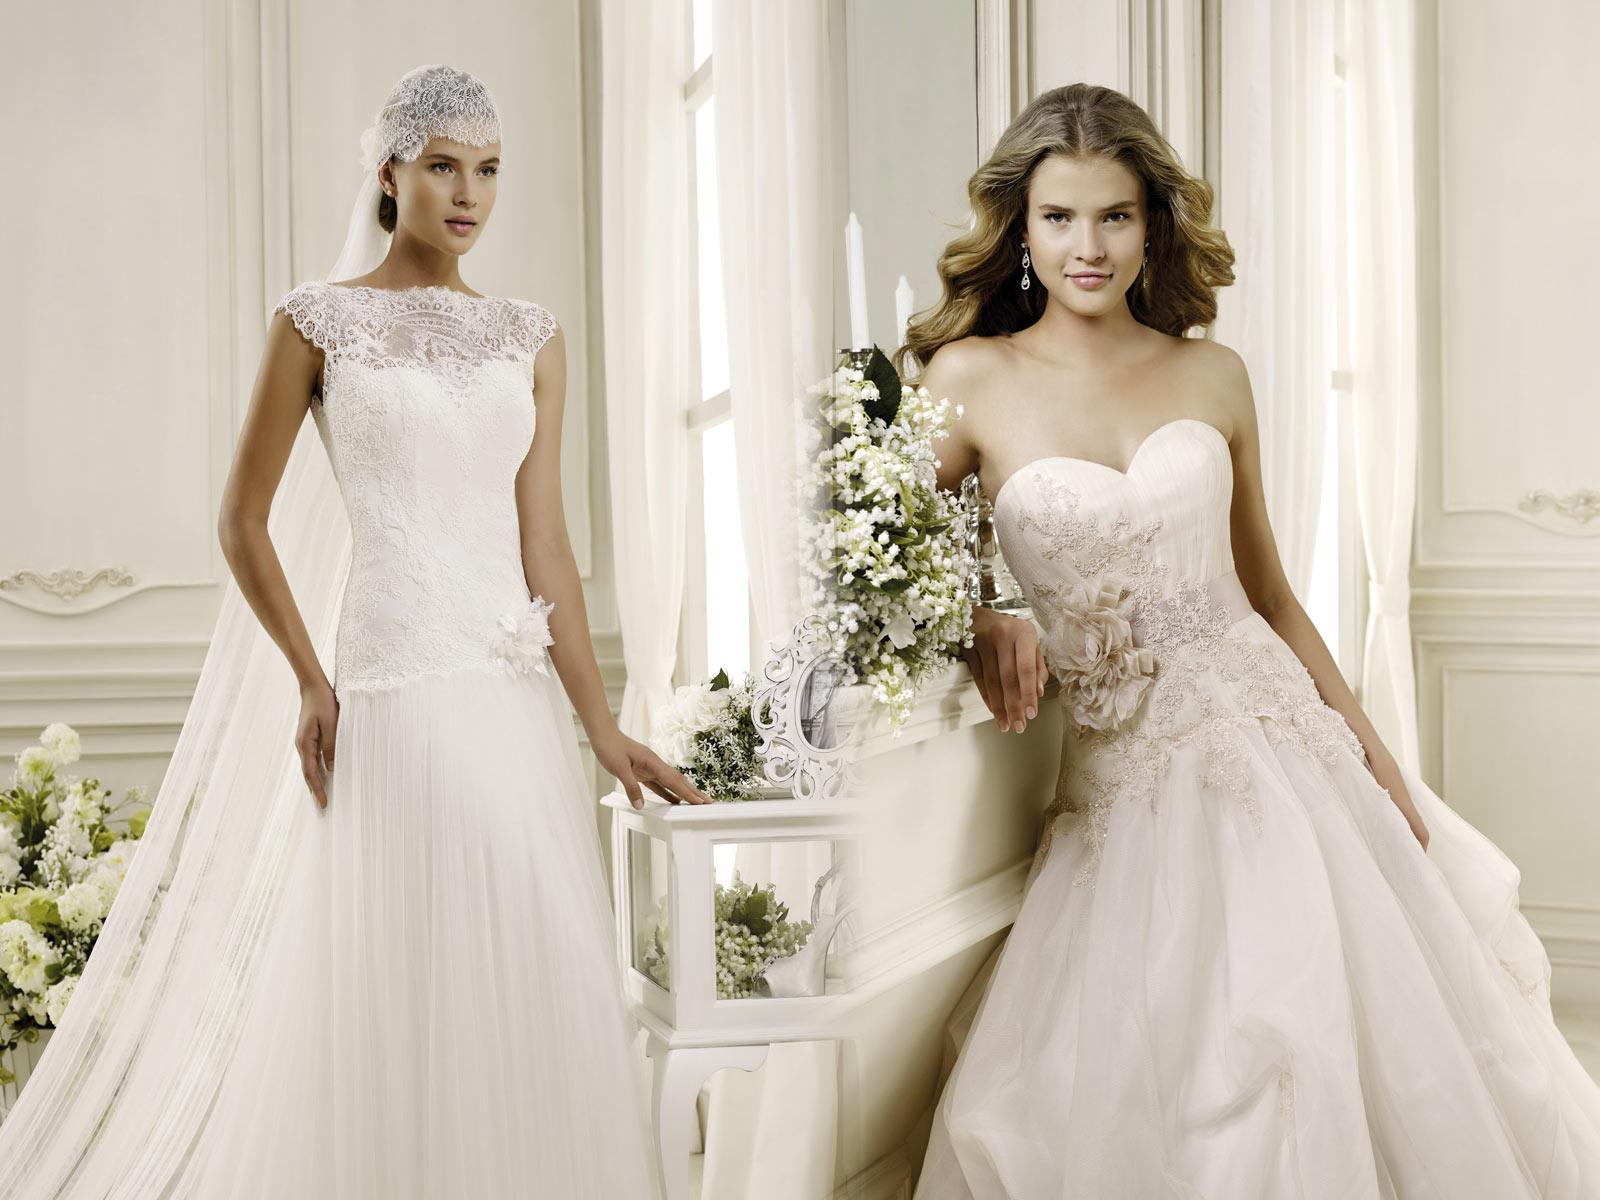 Che abito da sposa sei? Elegante e tradizionale